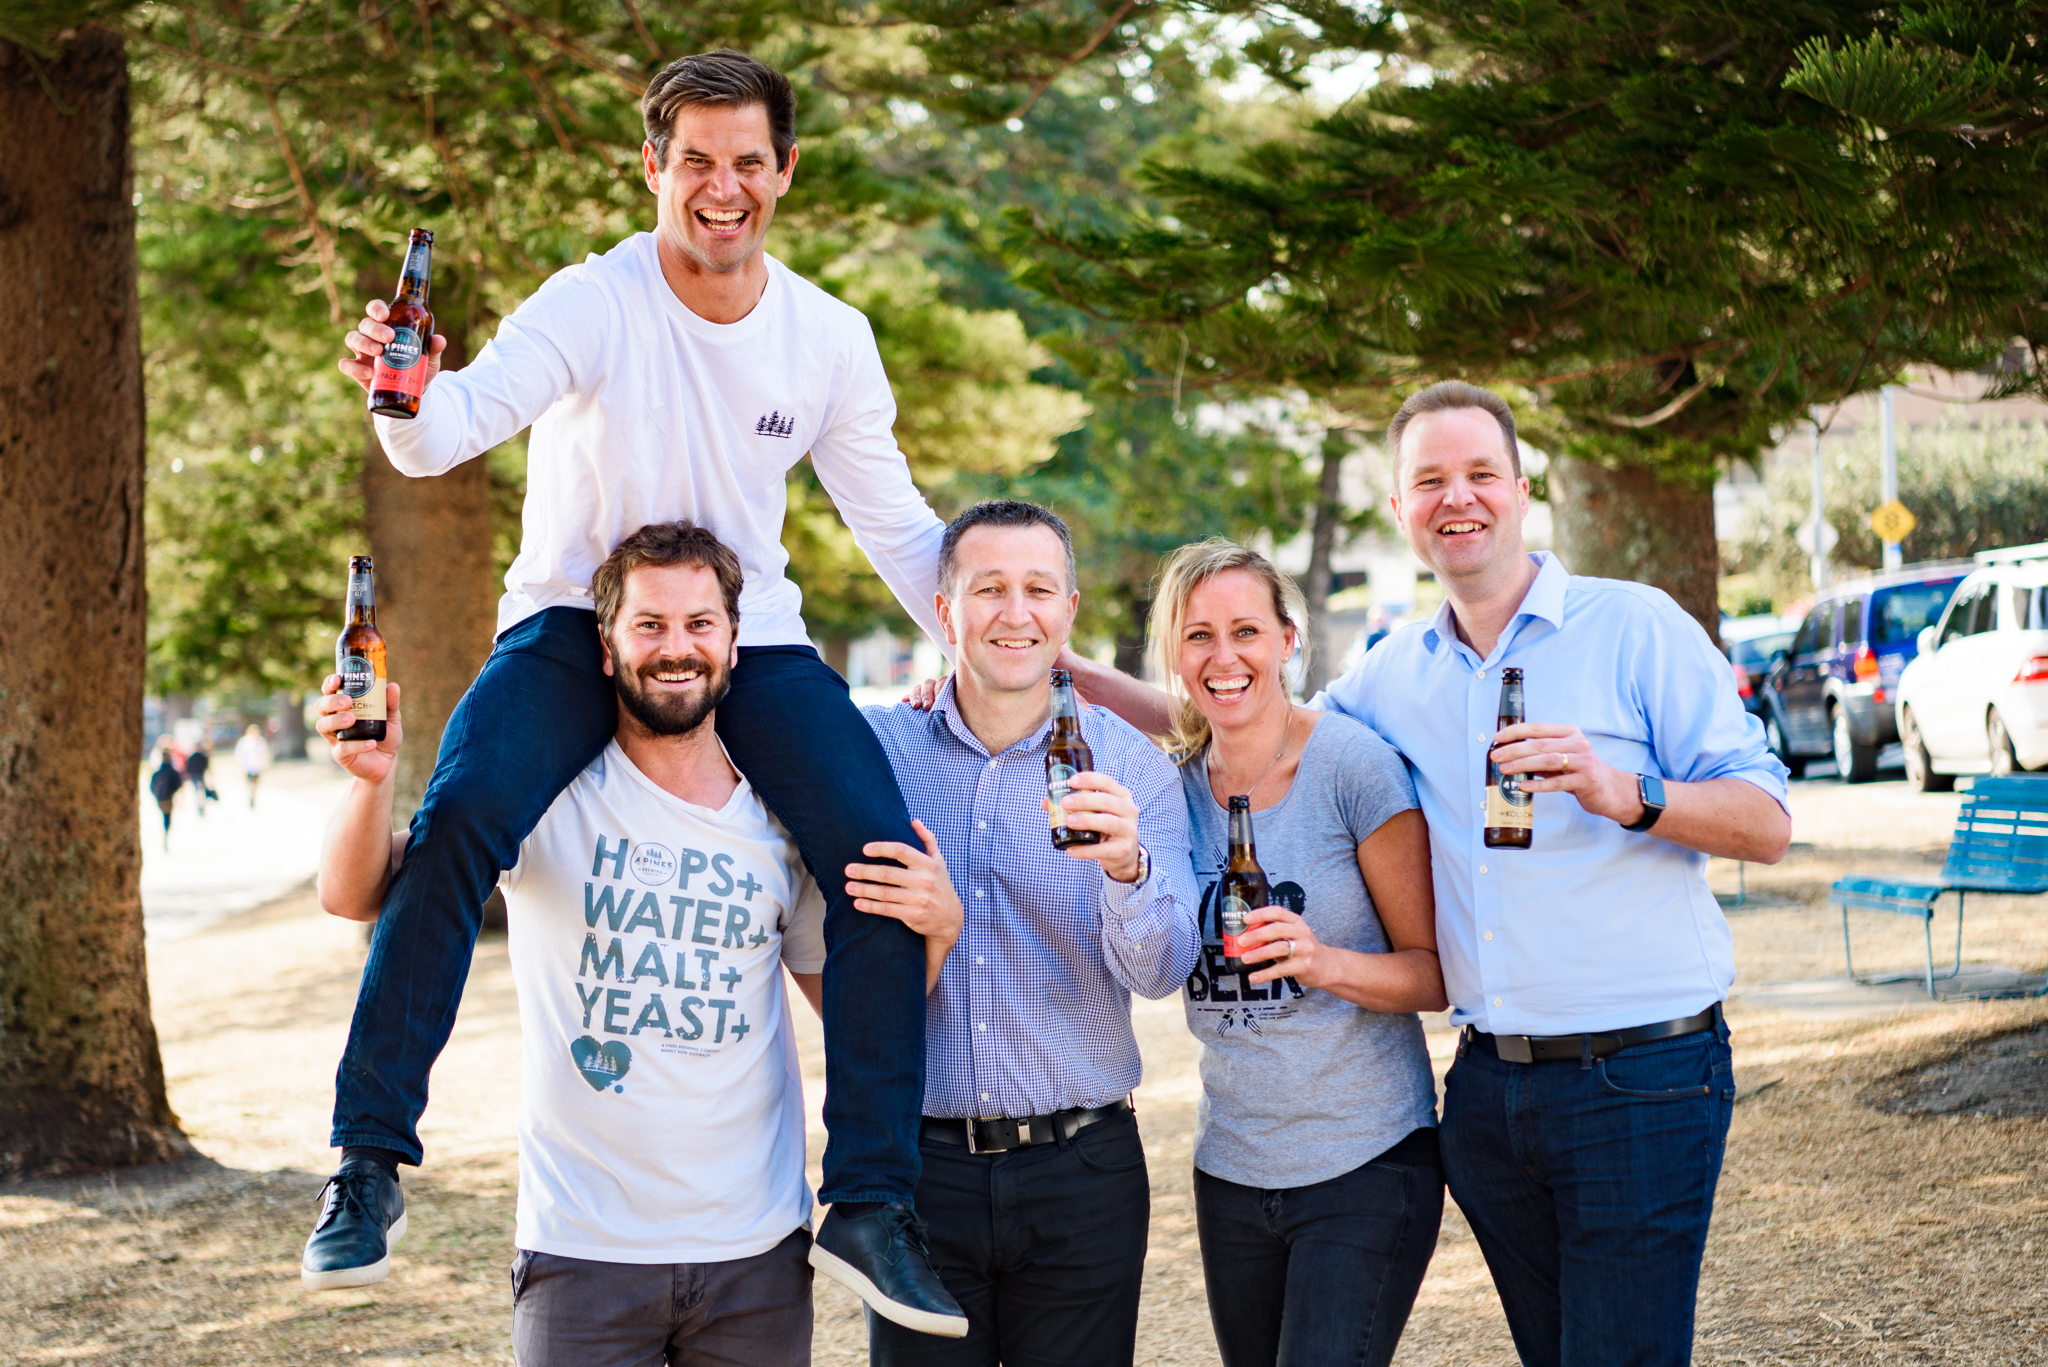 百威英博收购澳大利亚精酿啤酒品牌4 Pines,将助其进军国际市场